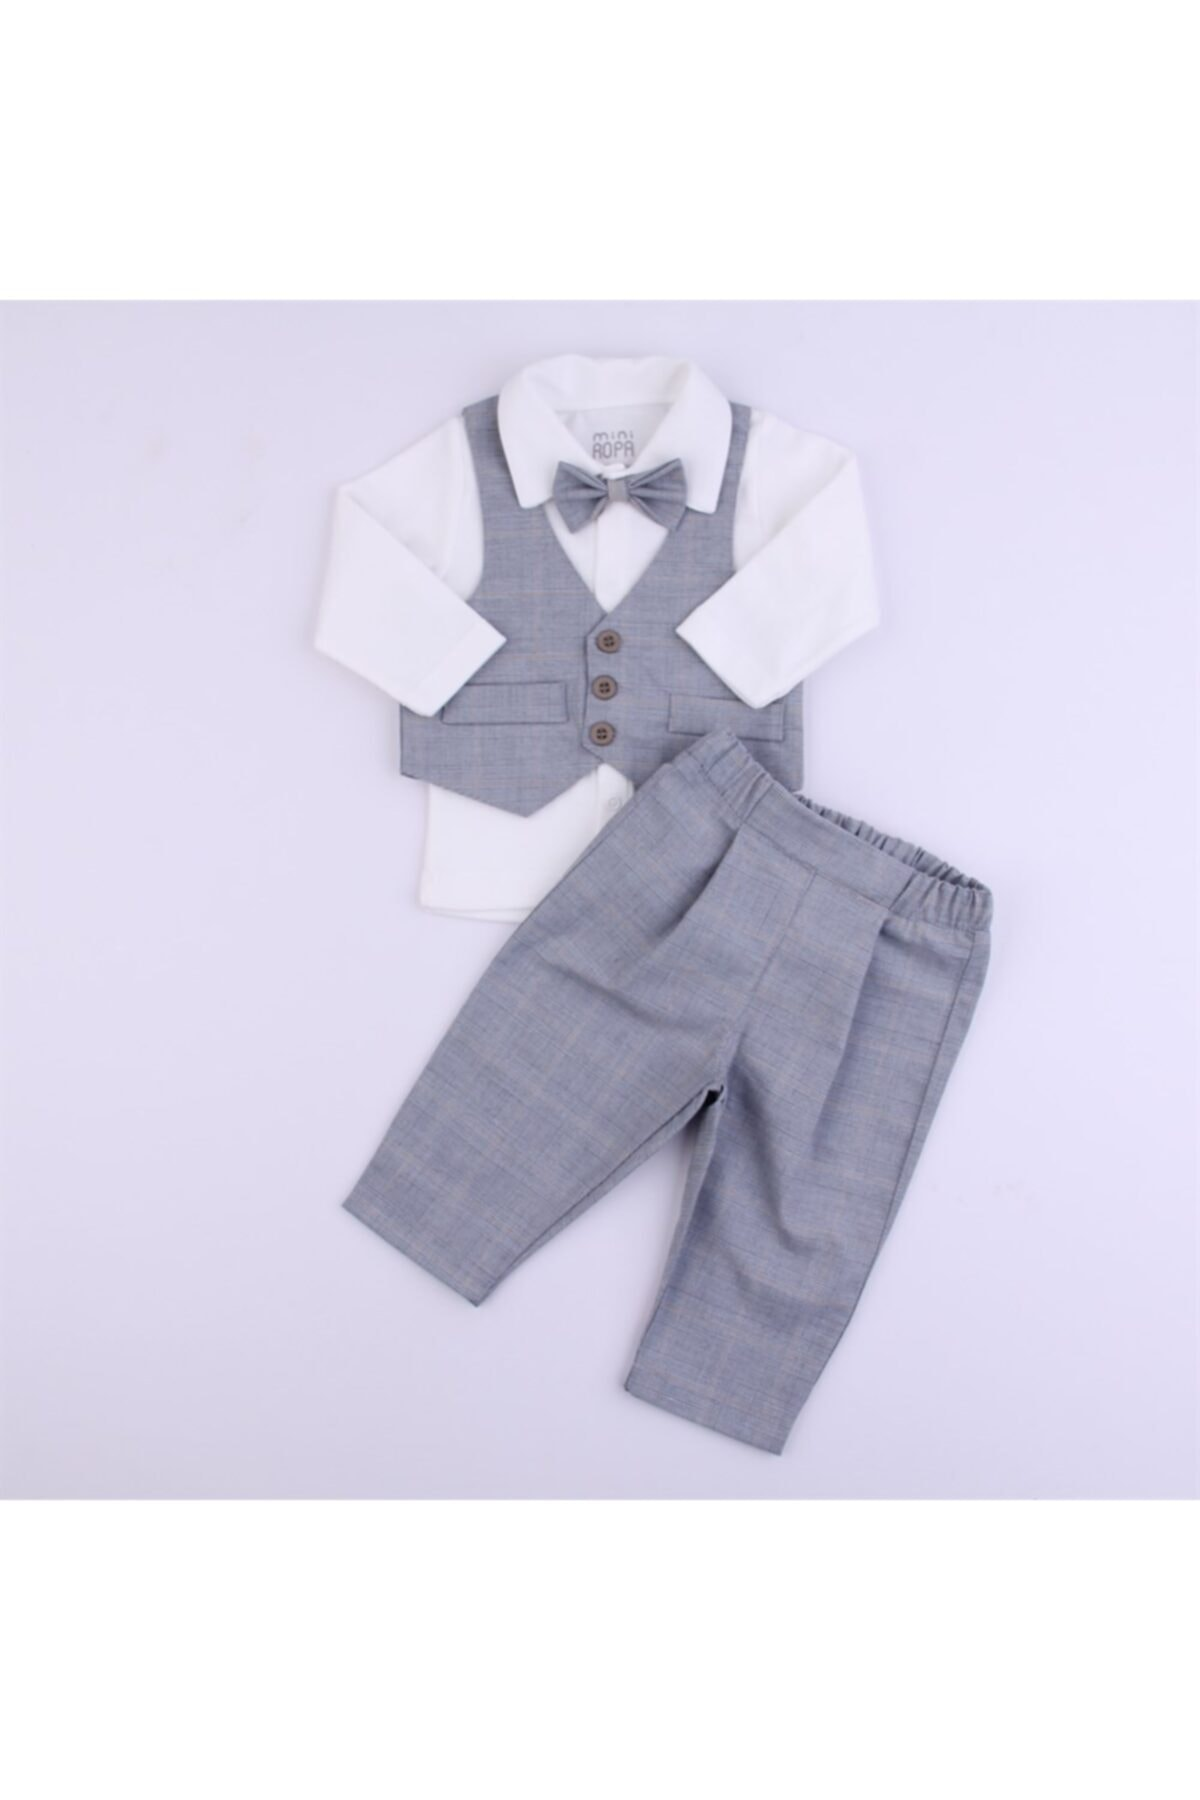 Yelekli Papylunlu 3'lü Erkek Bebek Takımı -kareli Gri - Özel Gün - Bebek Hediyesi -